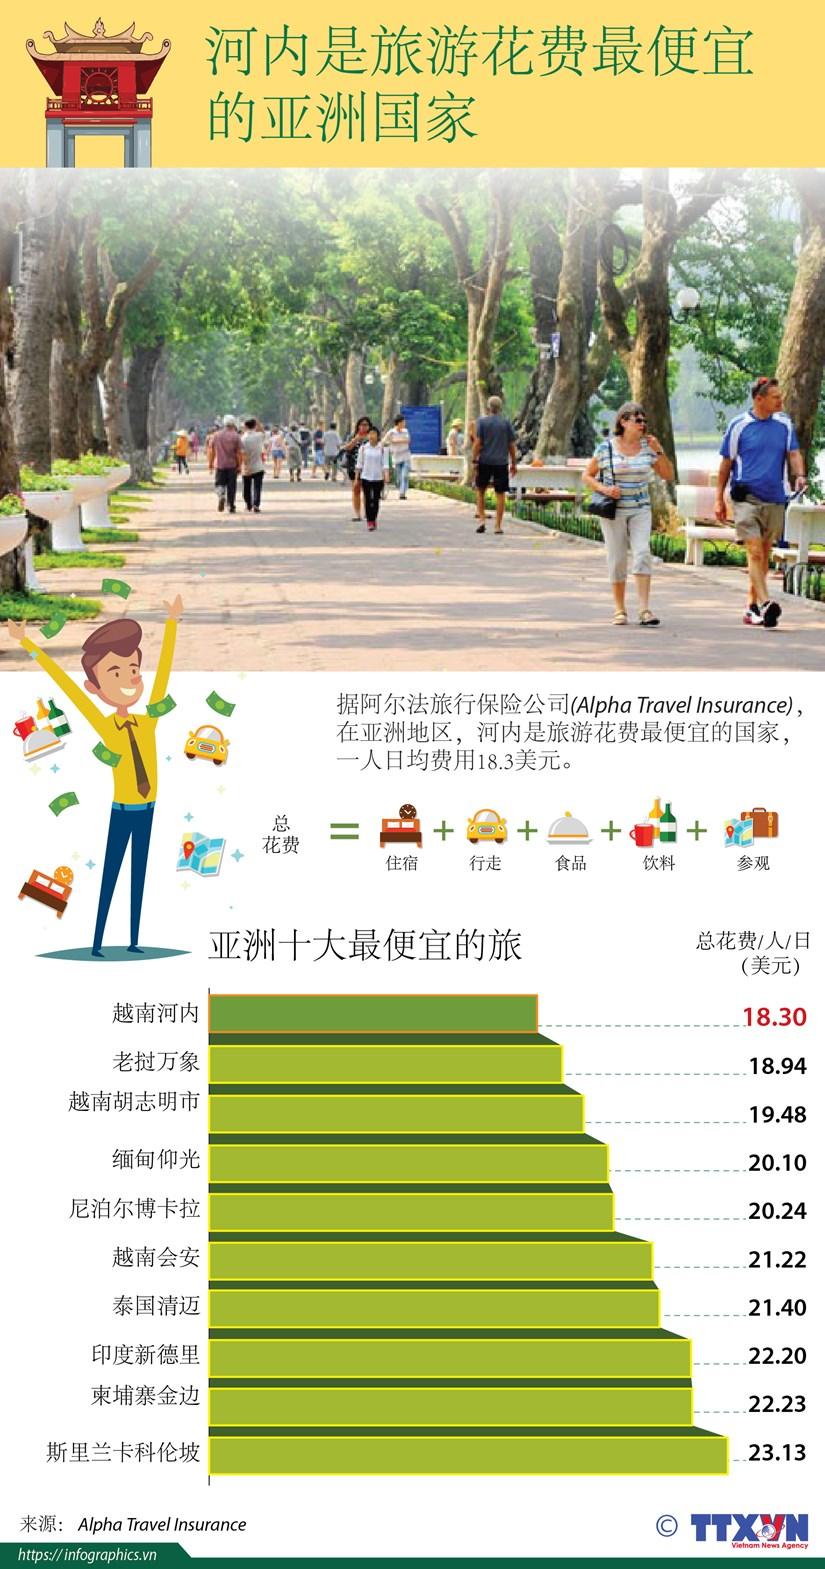 图表新闻:河内是亚洲十大最便宜的旅游城市 hinh anh 1